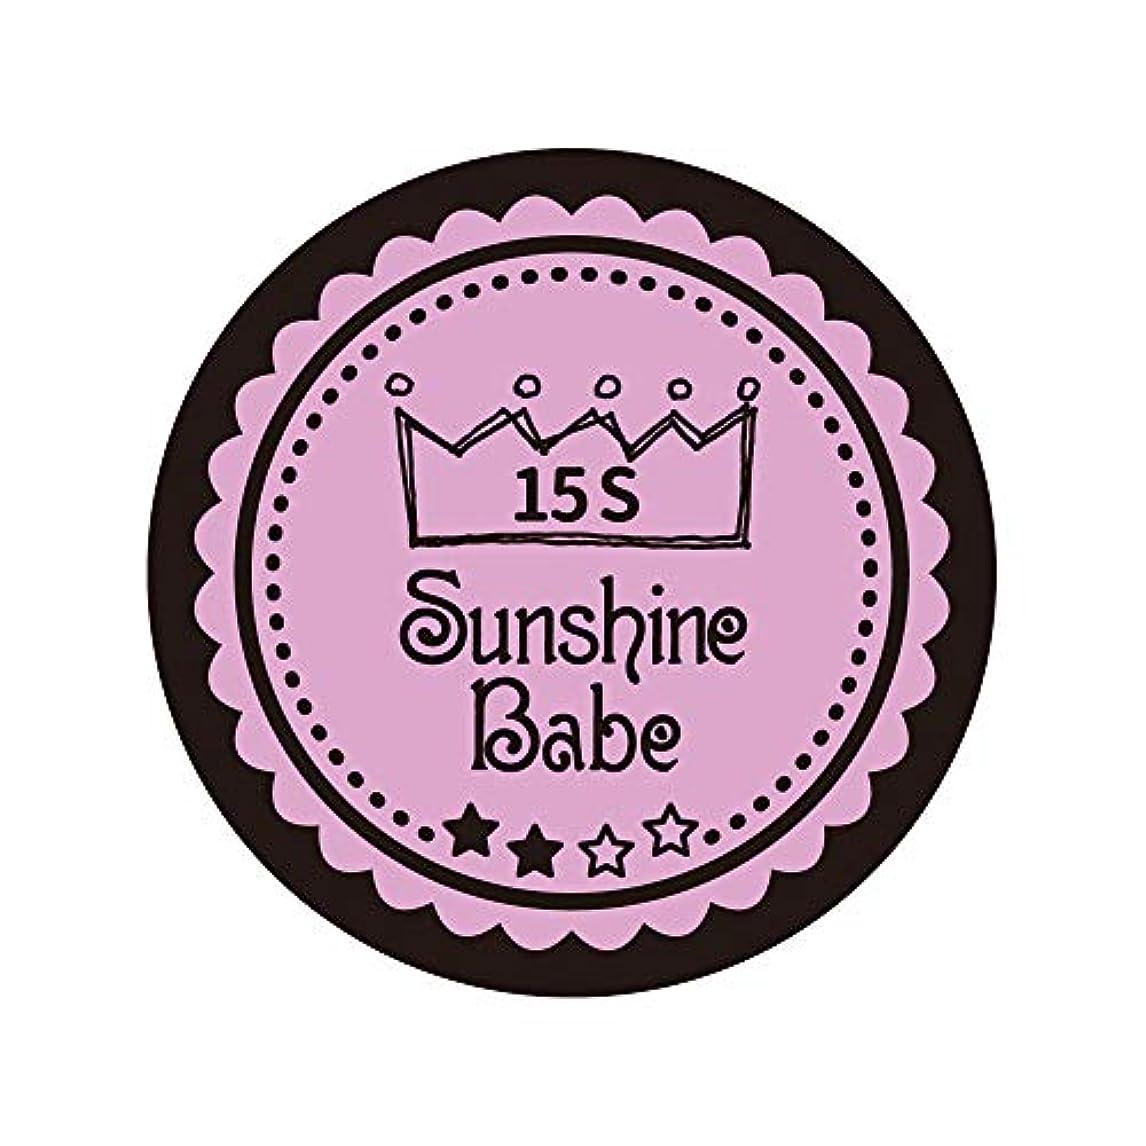 漏れ鳴らすフォーラムSunshine Babe カラージェル 15S ピンクラベンダー 2.7g UV/LED対応